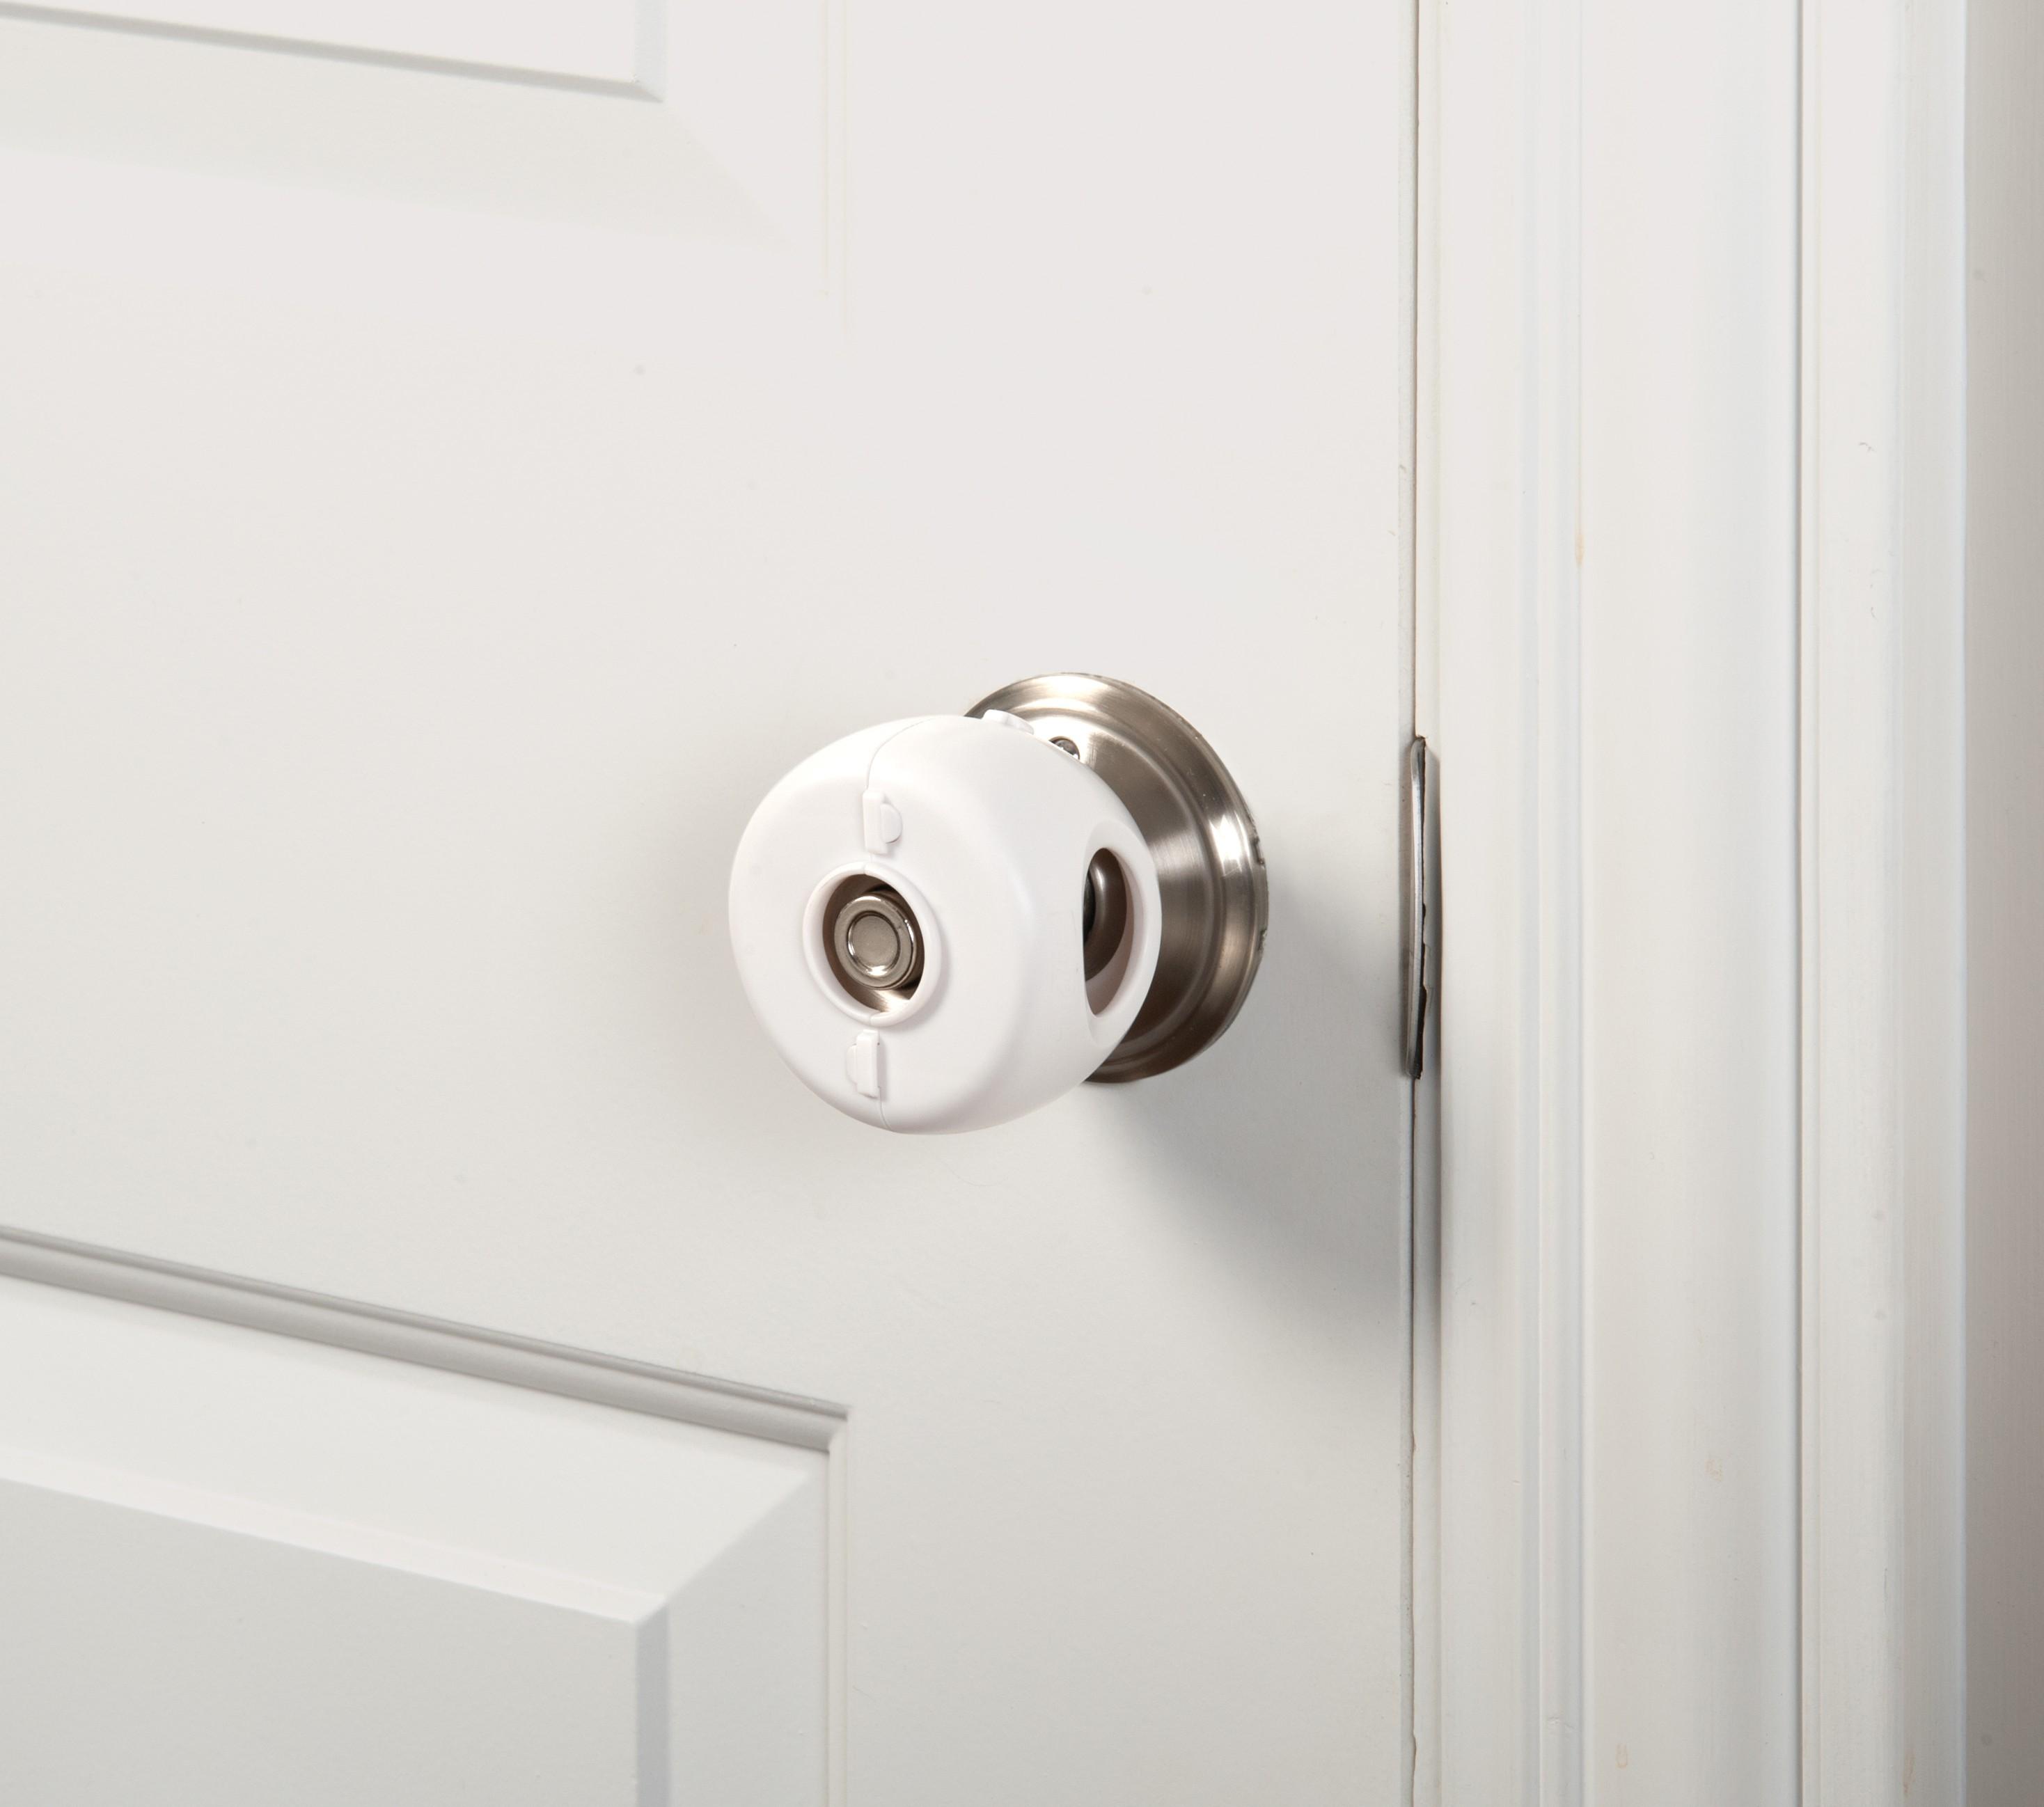 door knob protectors photo - 3